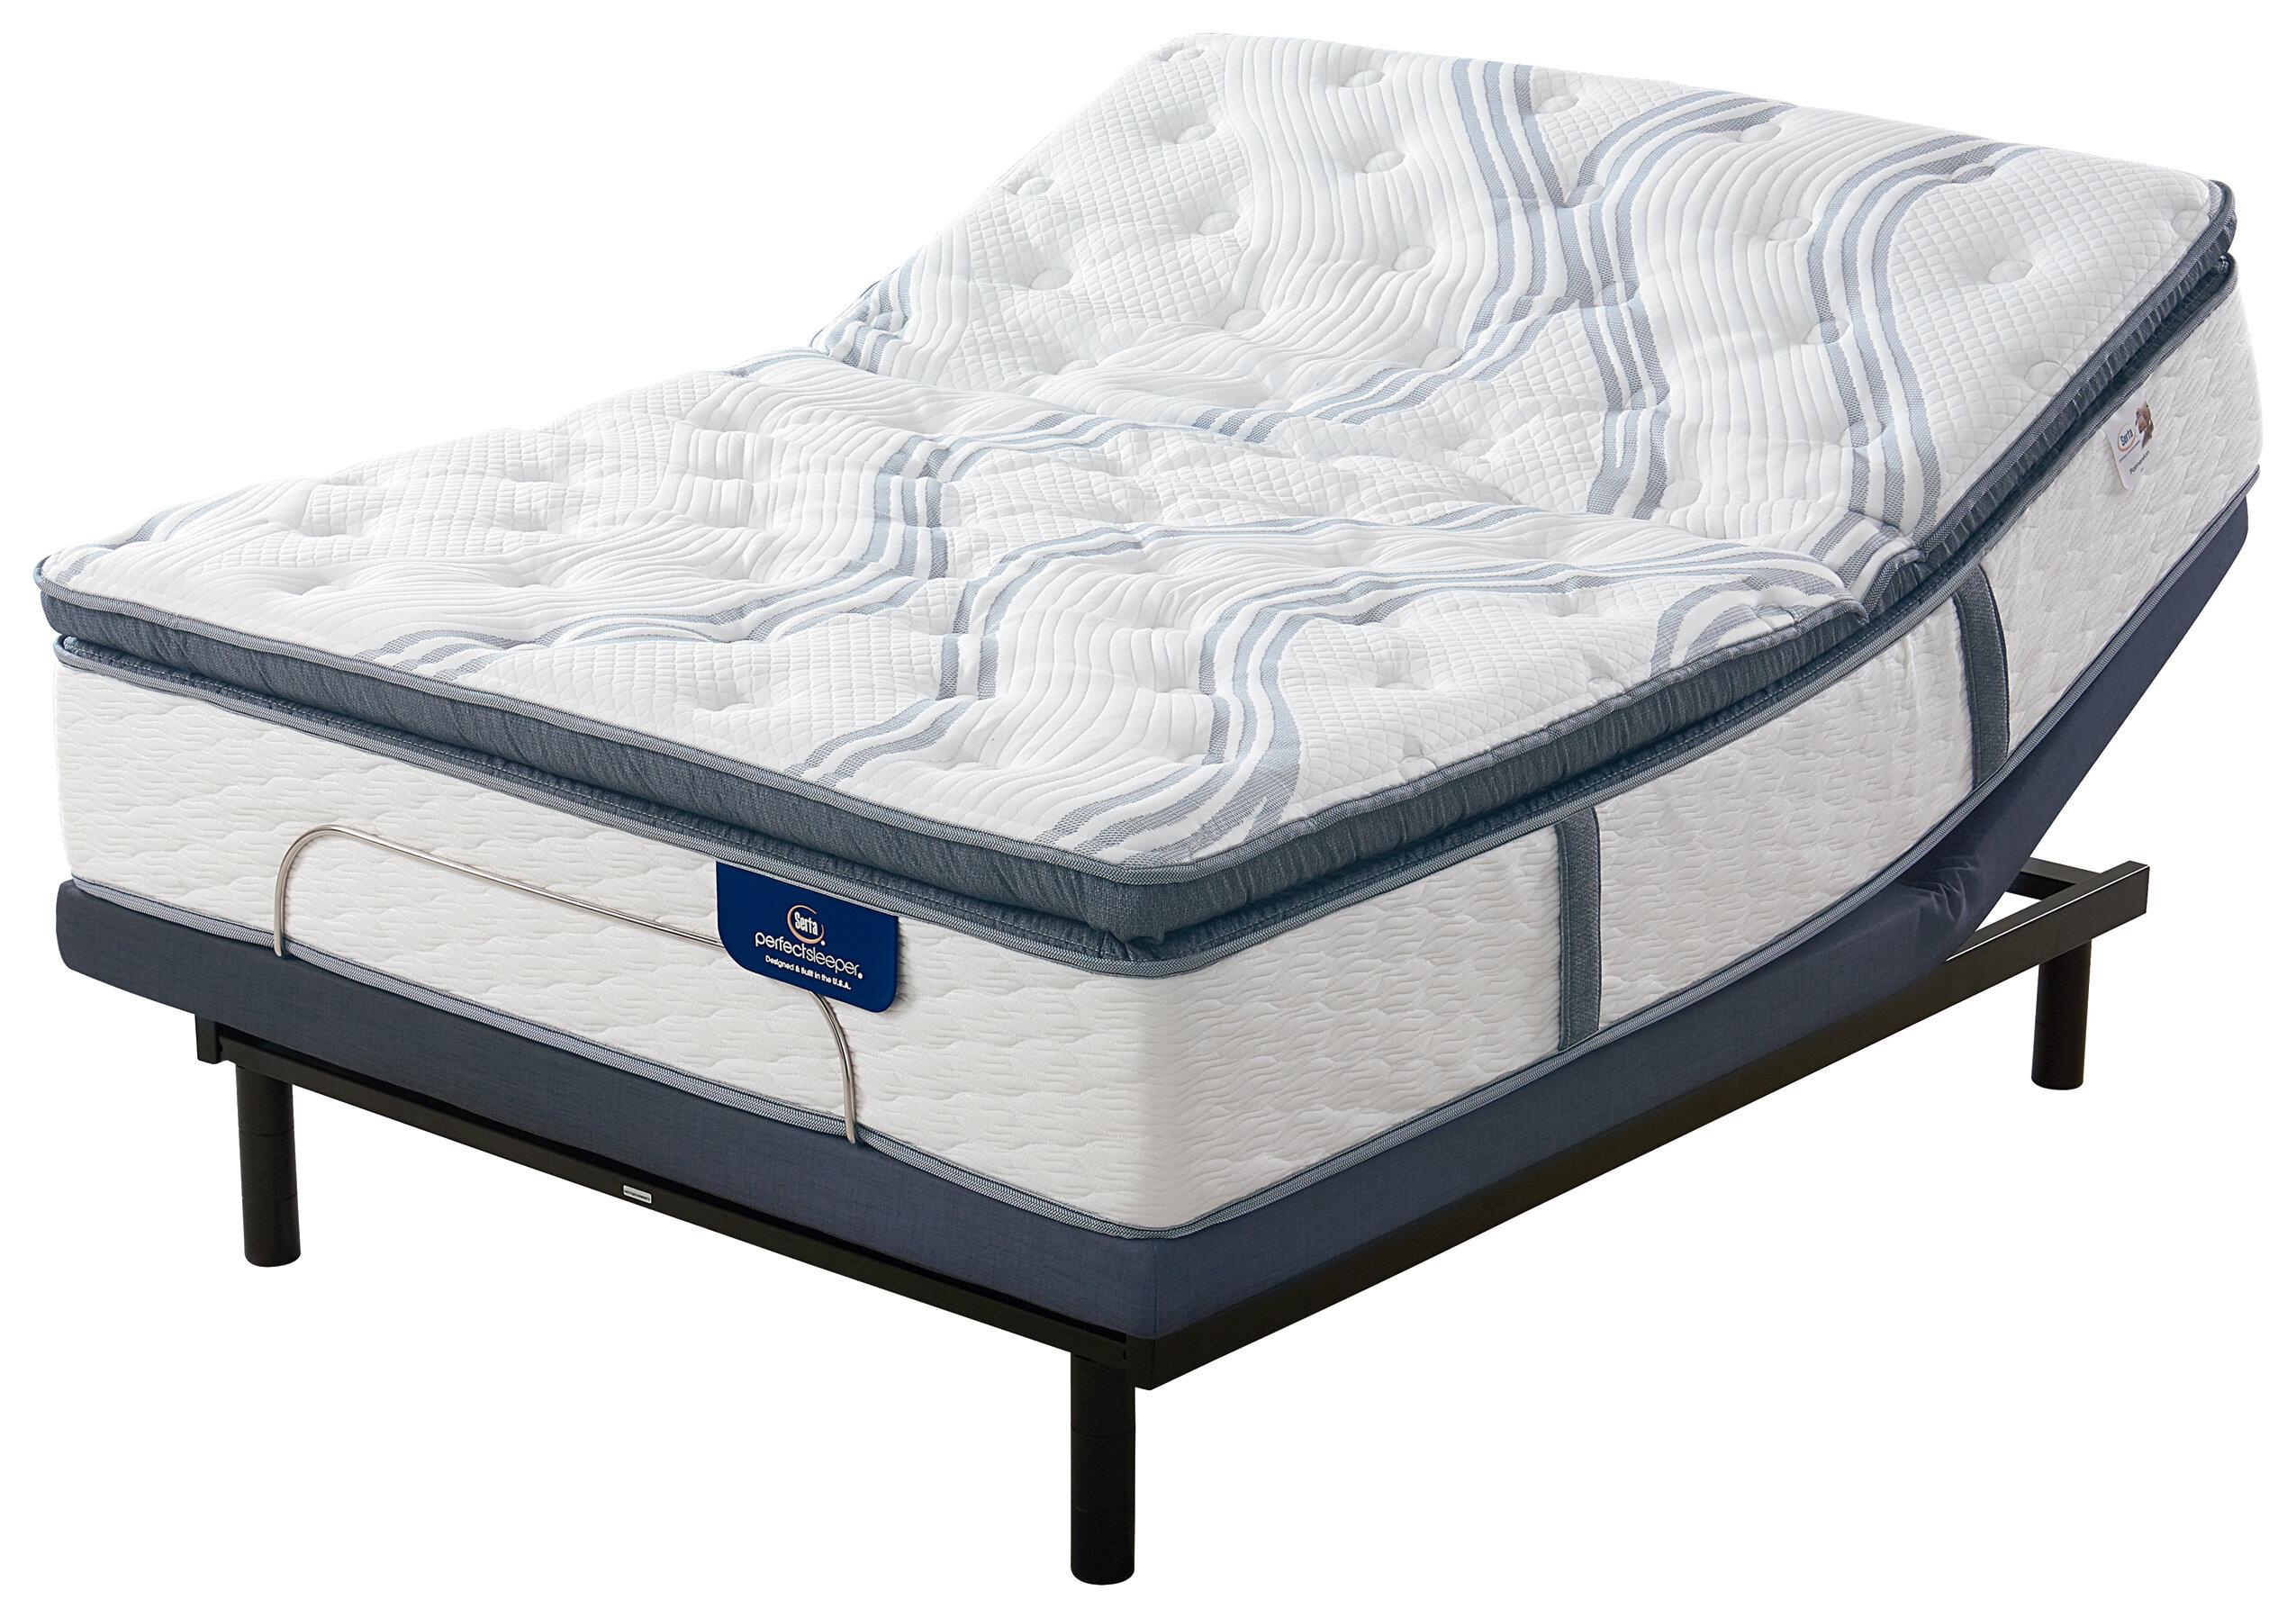 Serta motion essential iii adjustable bed base reviews wayfair